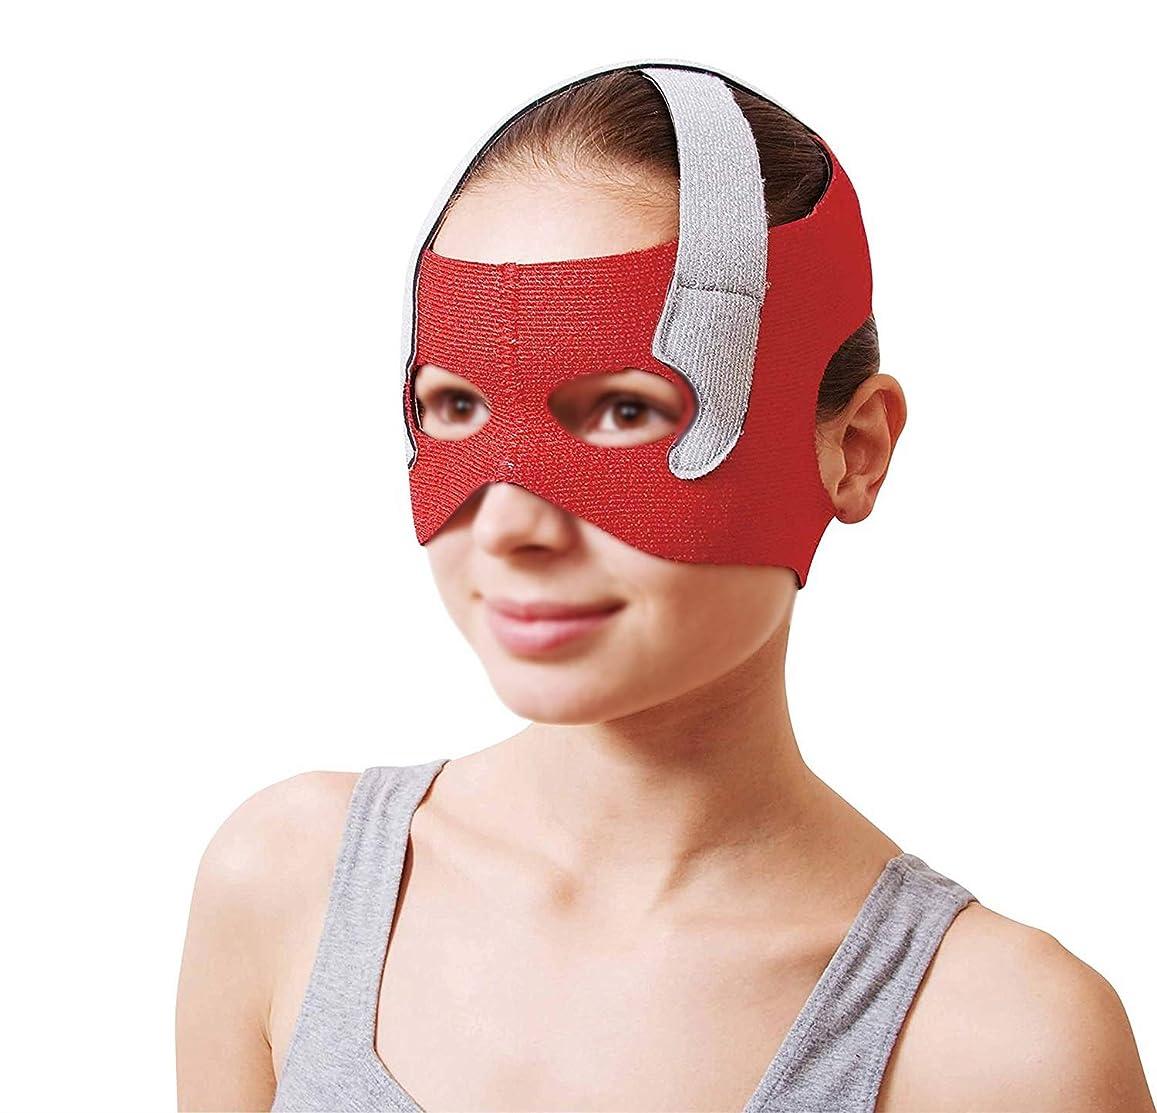 結婚式時刻表カセットTLMY フェイシャルリフティングマスク回復包帯ヘッドギアマスクシンフェイスマスクアーティファクト美容ベルトフェイシャルとネックリフティングフェイシャル円周57-68 cm 顔用整形マスク